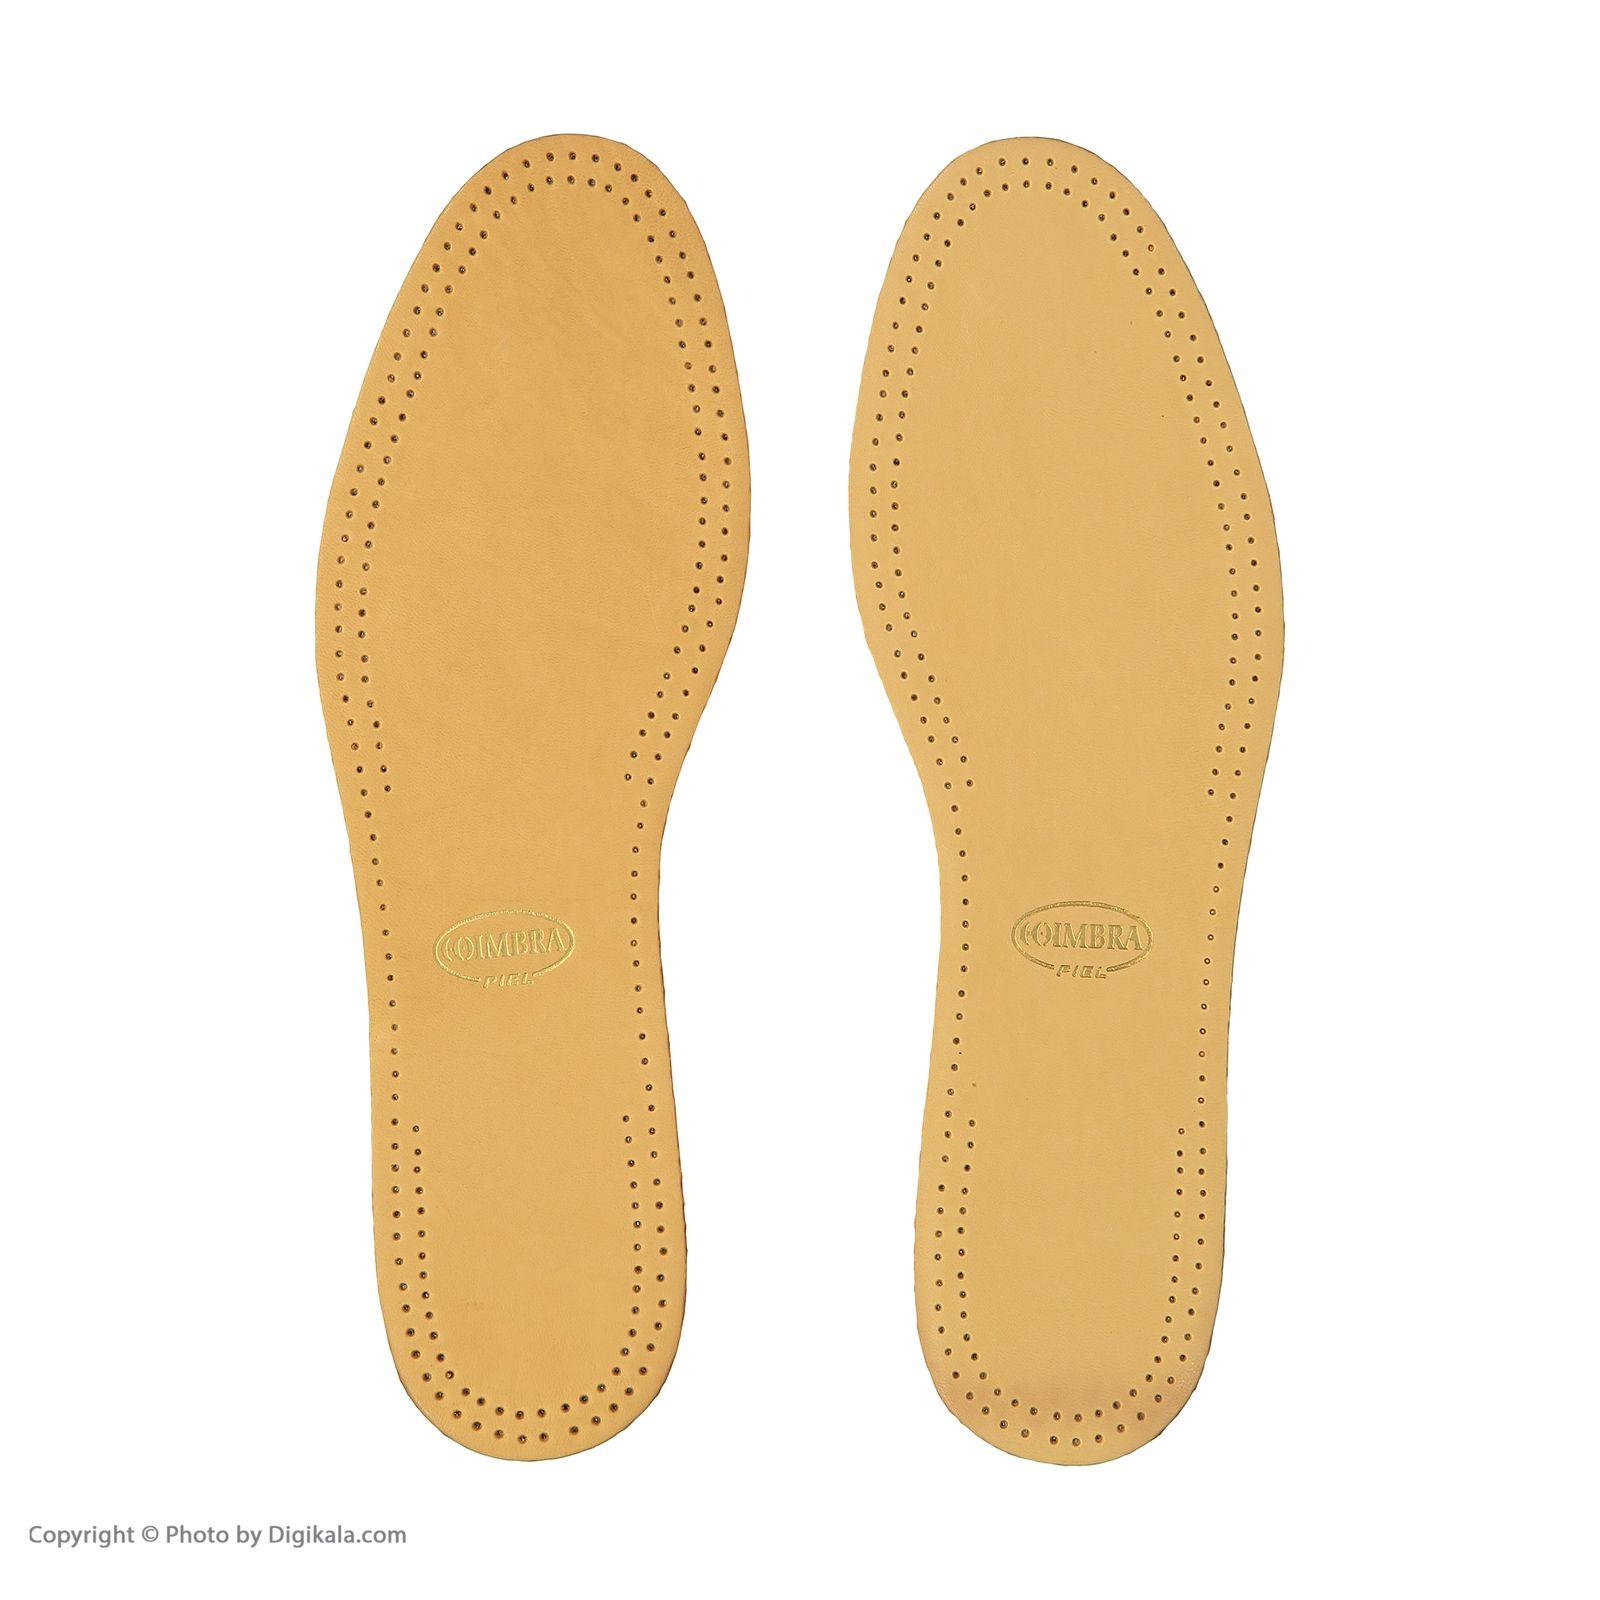 کفي کفش کوایمبرا مدل 1019042 سایز 42 -  - 3